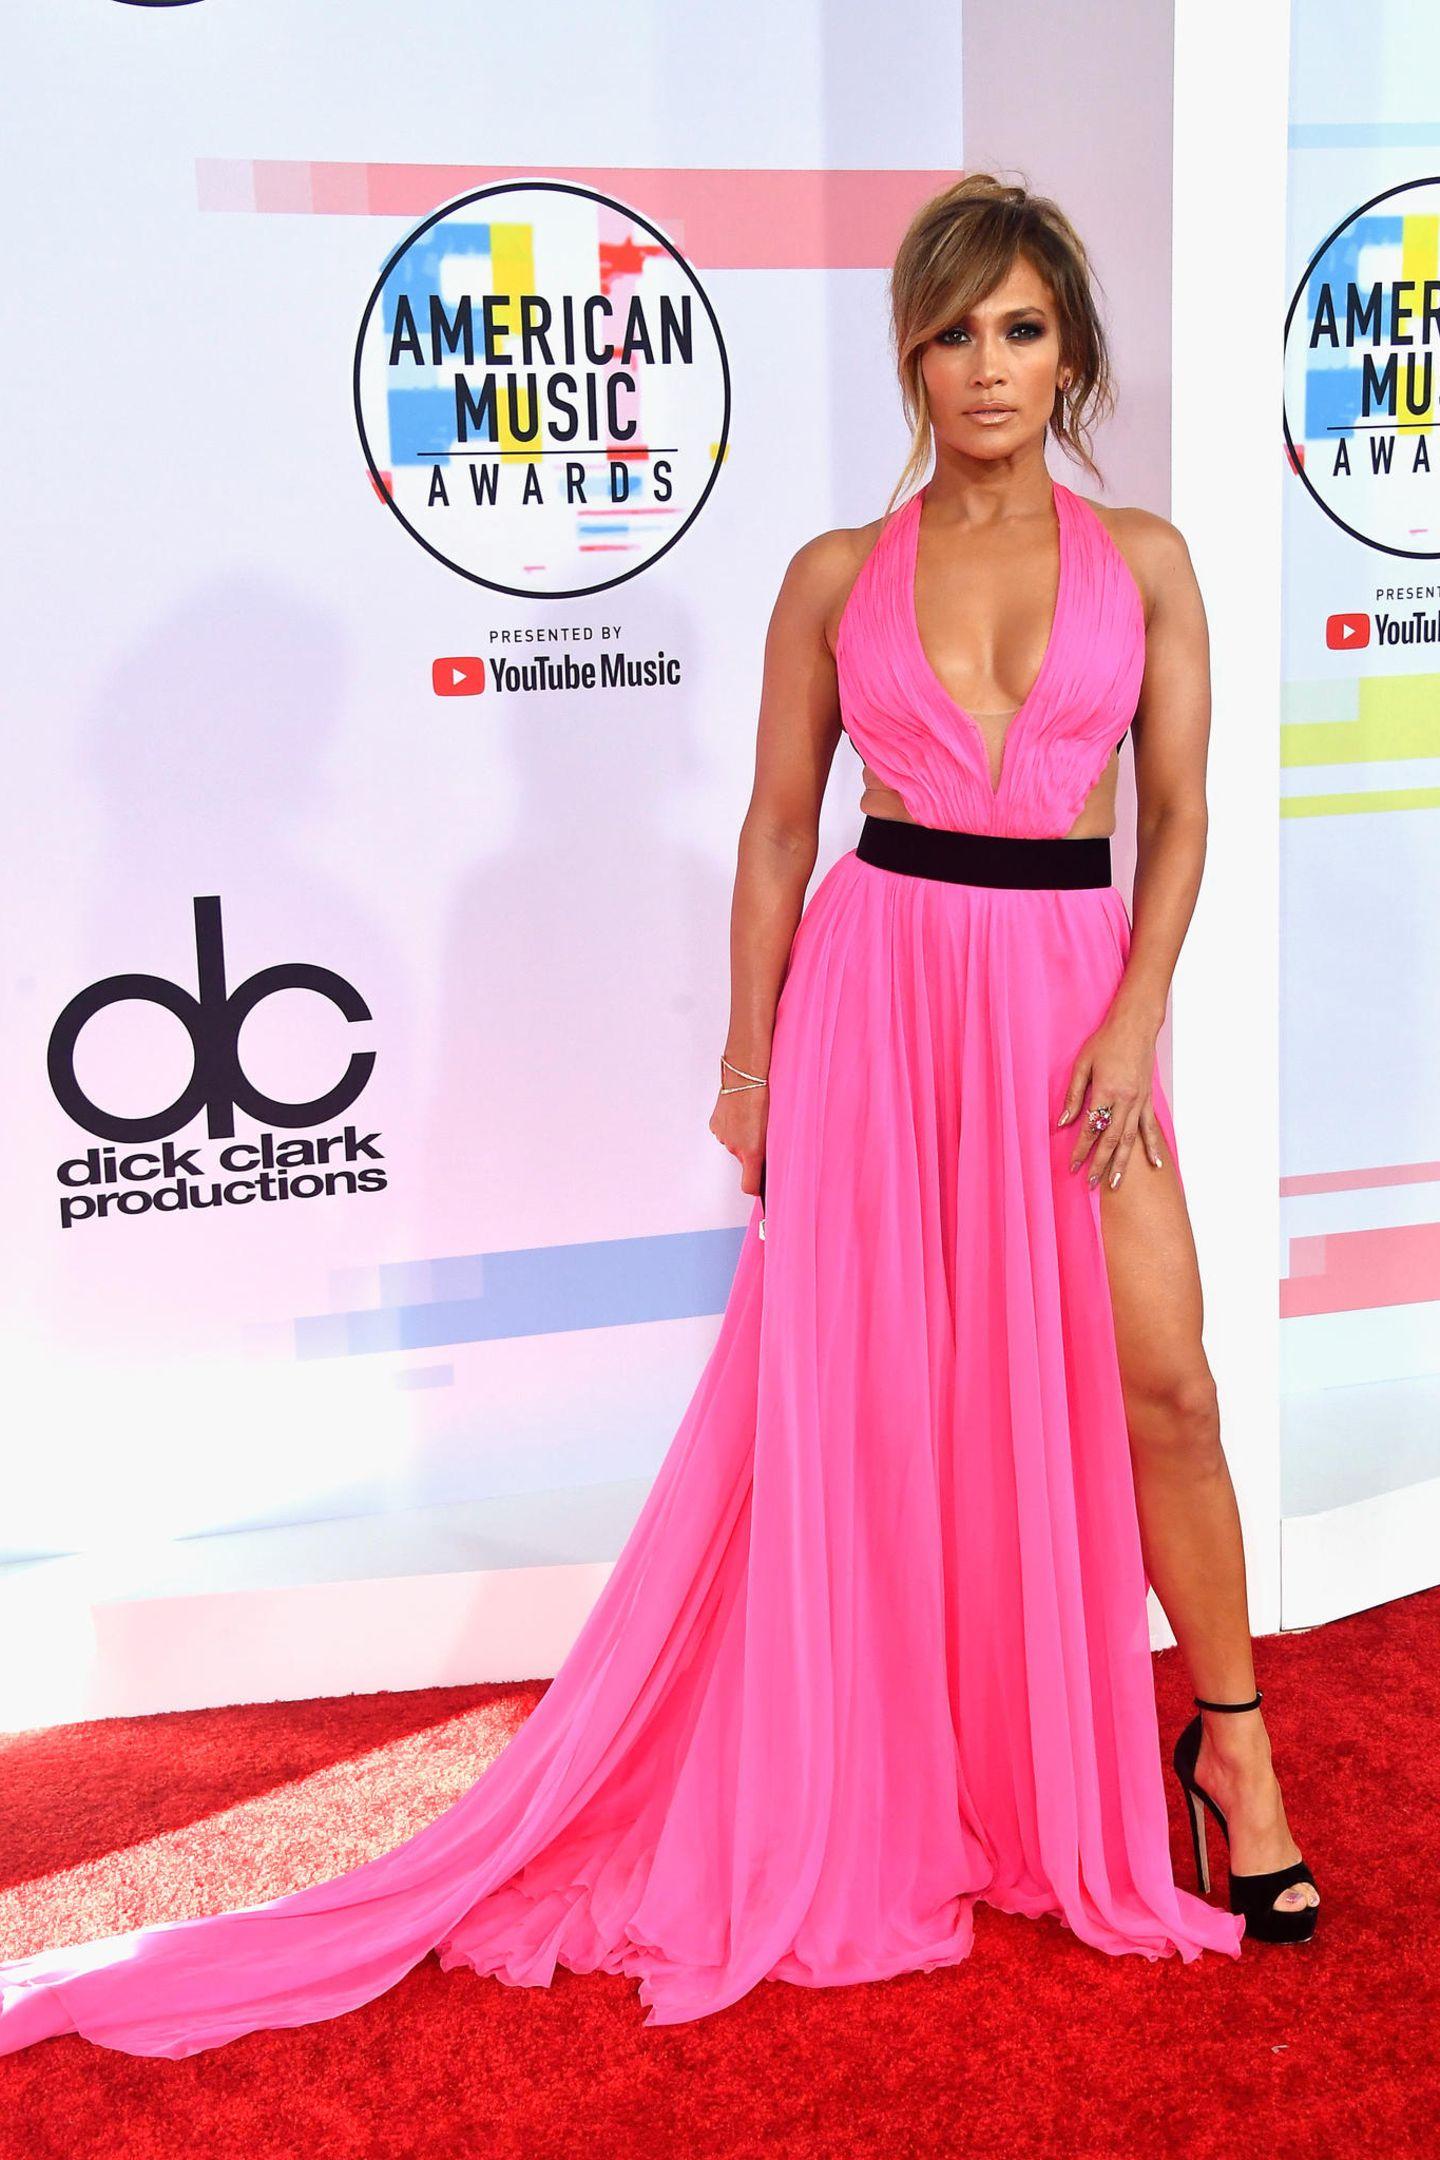 Hot Pink, hoher Beinschlitz, Hingucker-Dekolleté - Jennifer Lopez Kleidvon Georges Chakra könnte nicht heißer sein.